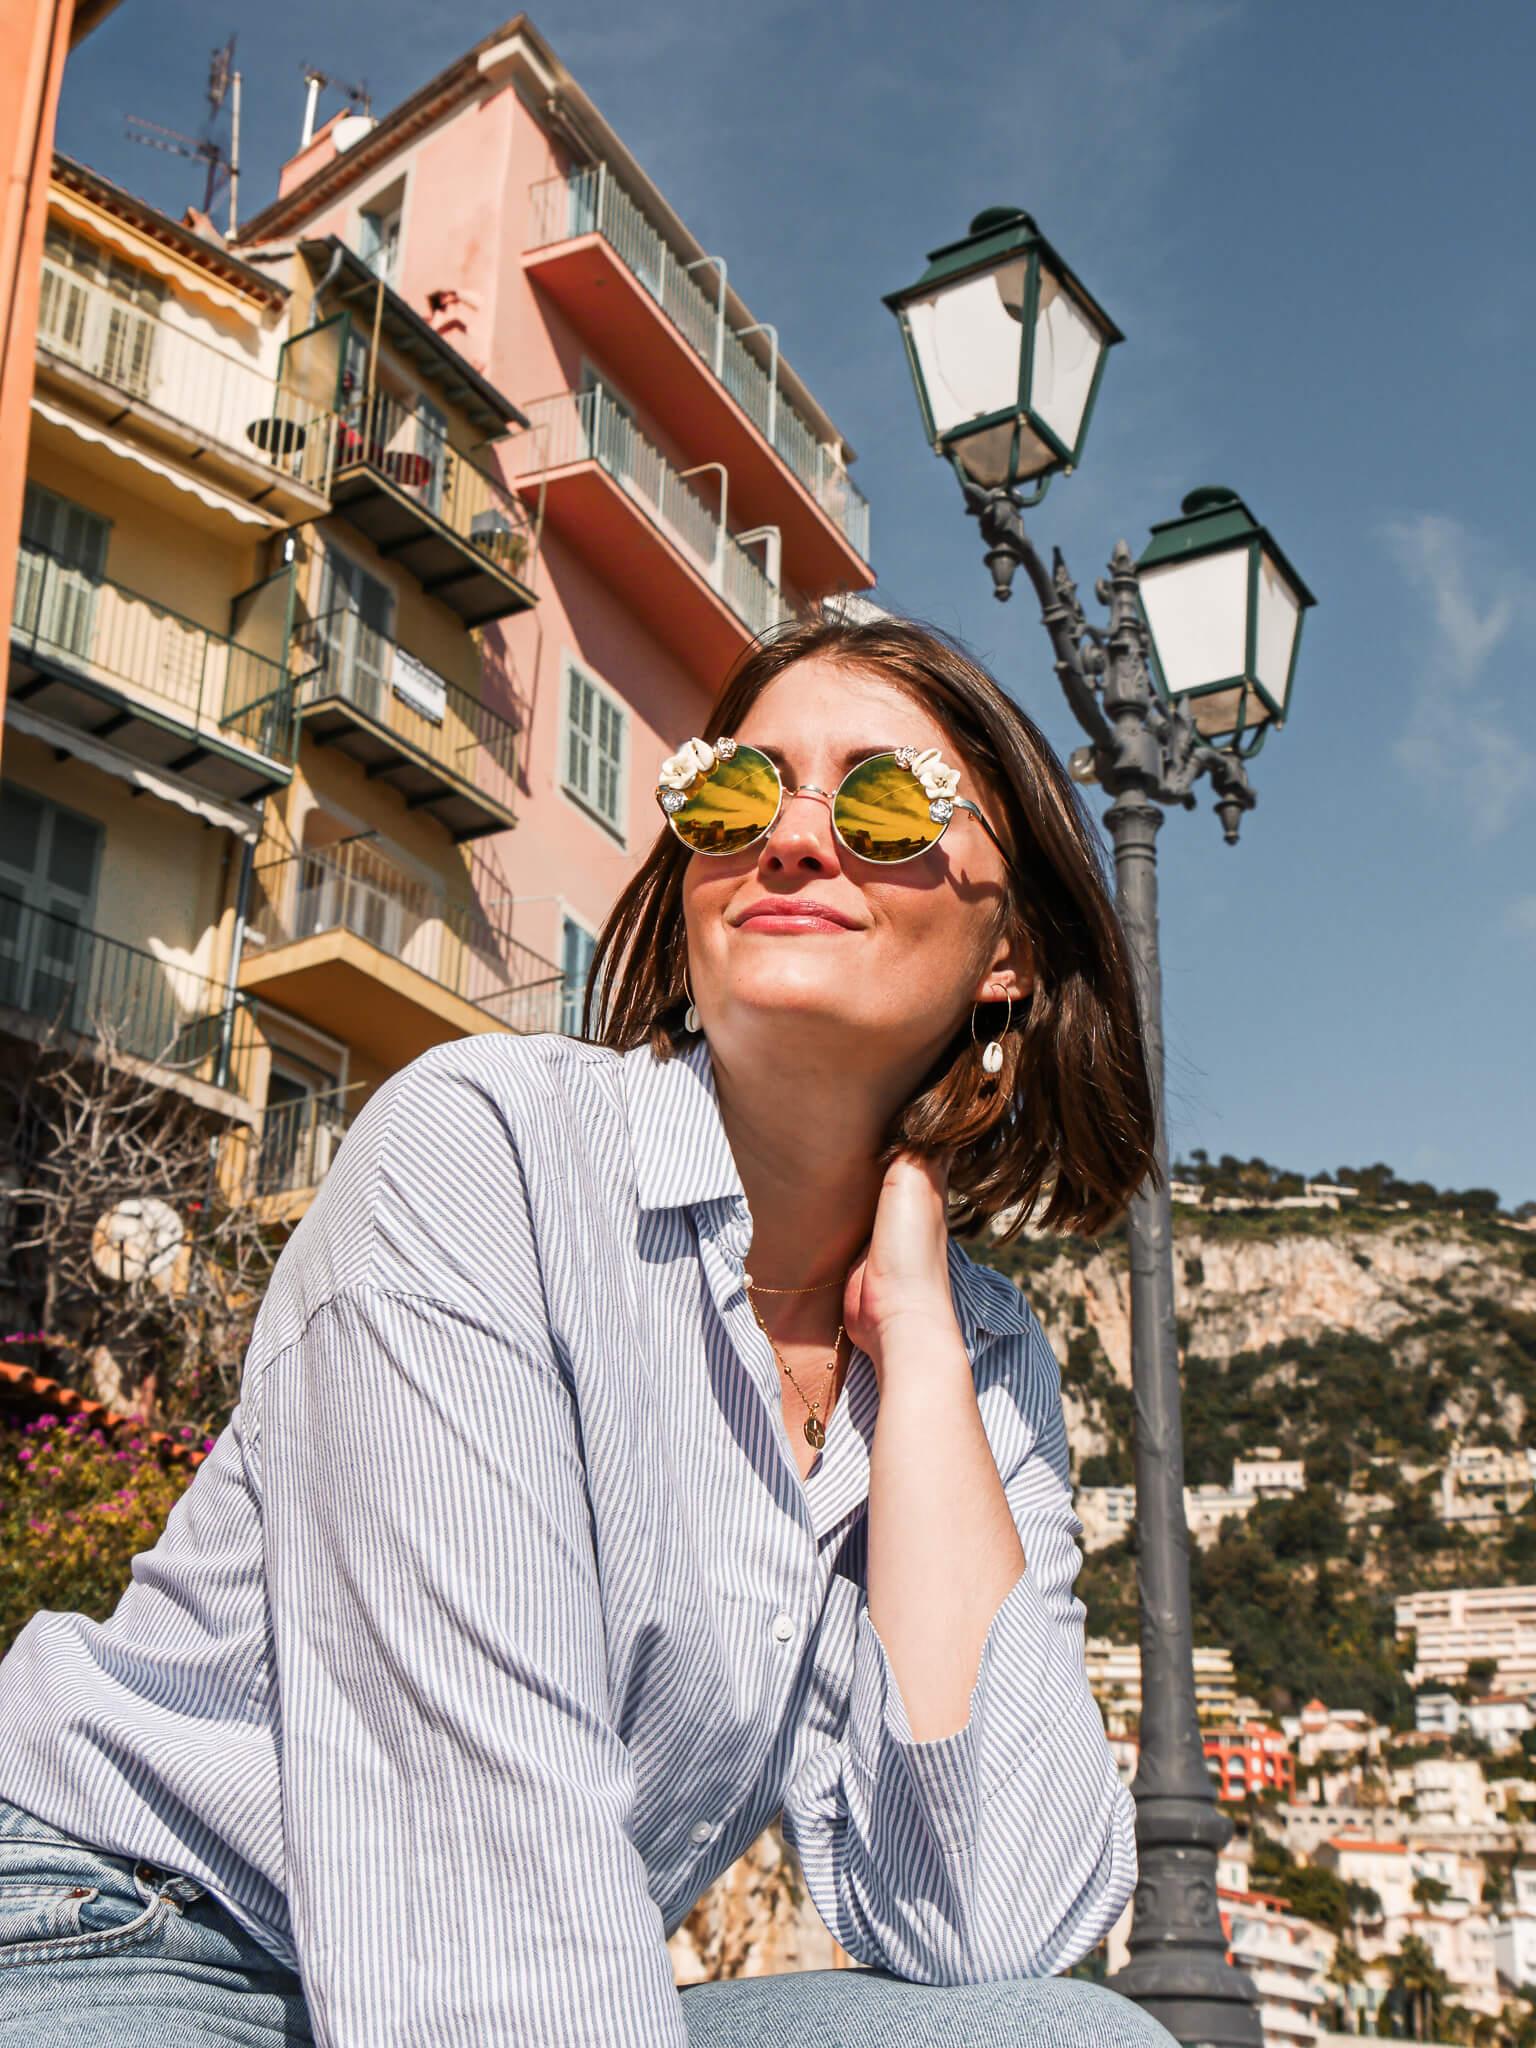 Lunettes de soleil tendance - lunettes rondes femme - Cénélia - Gaëlle